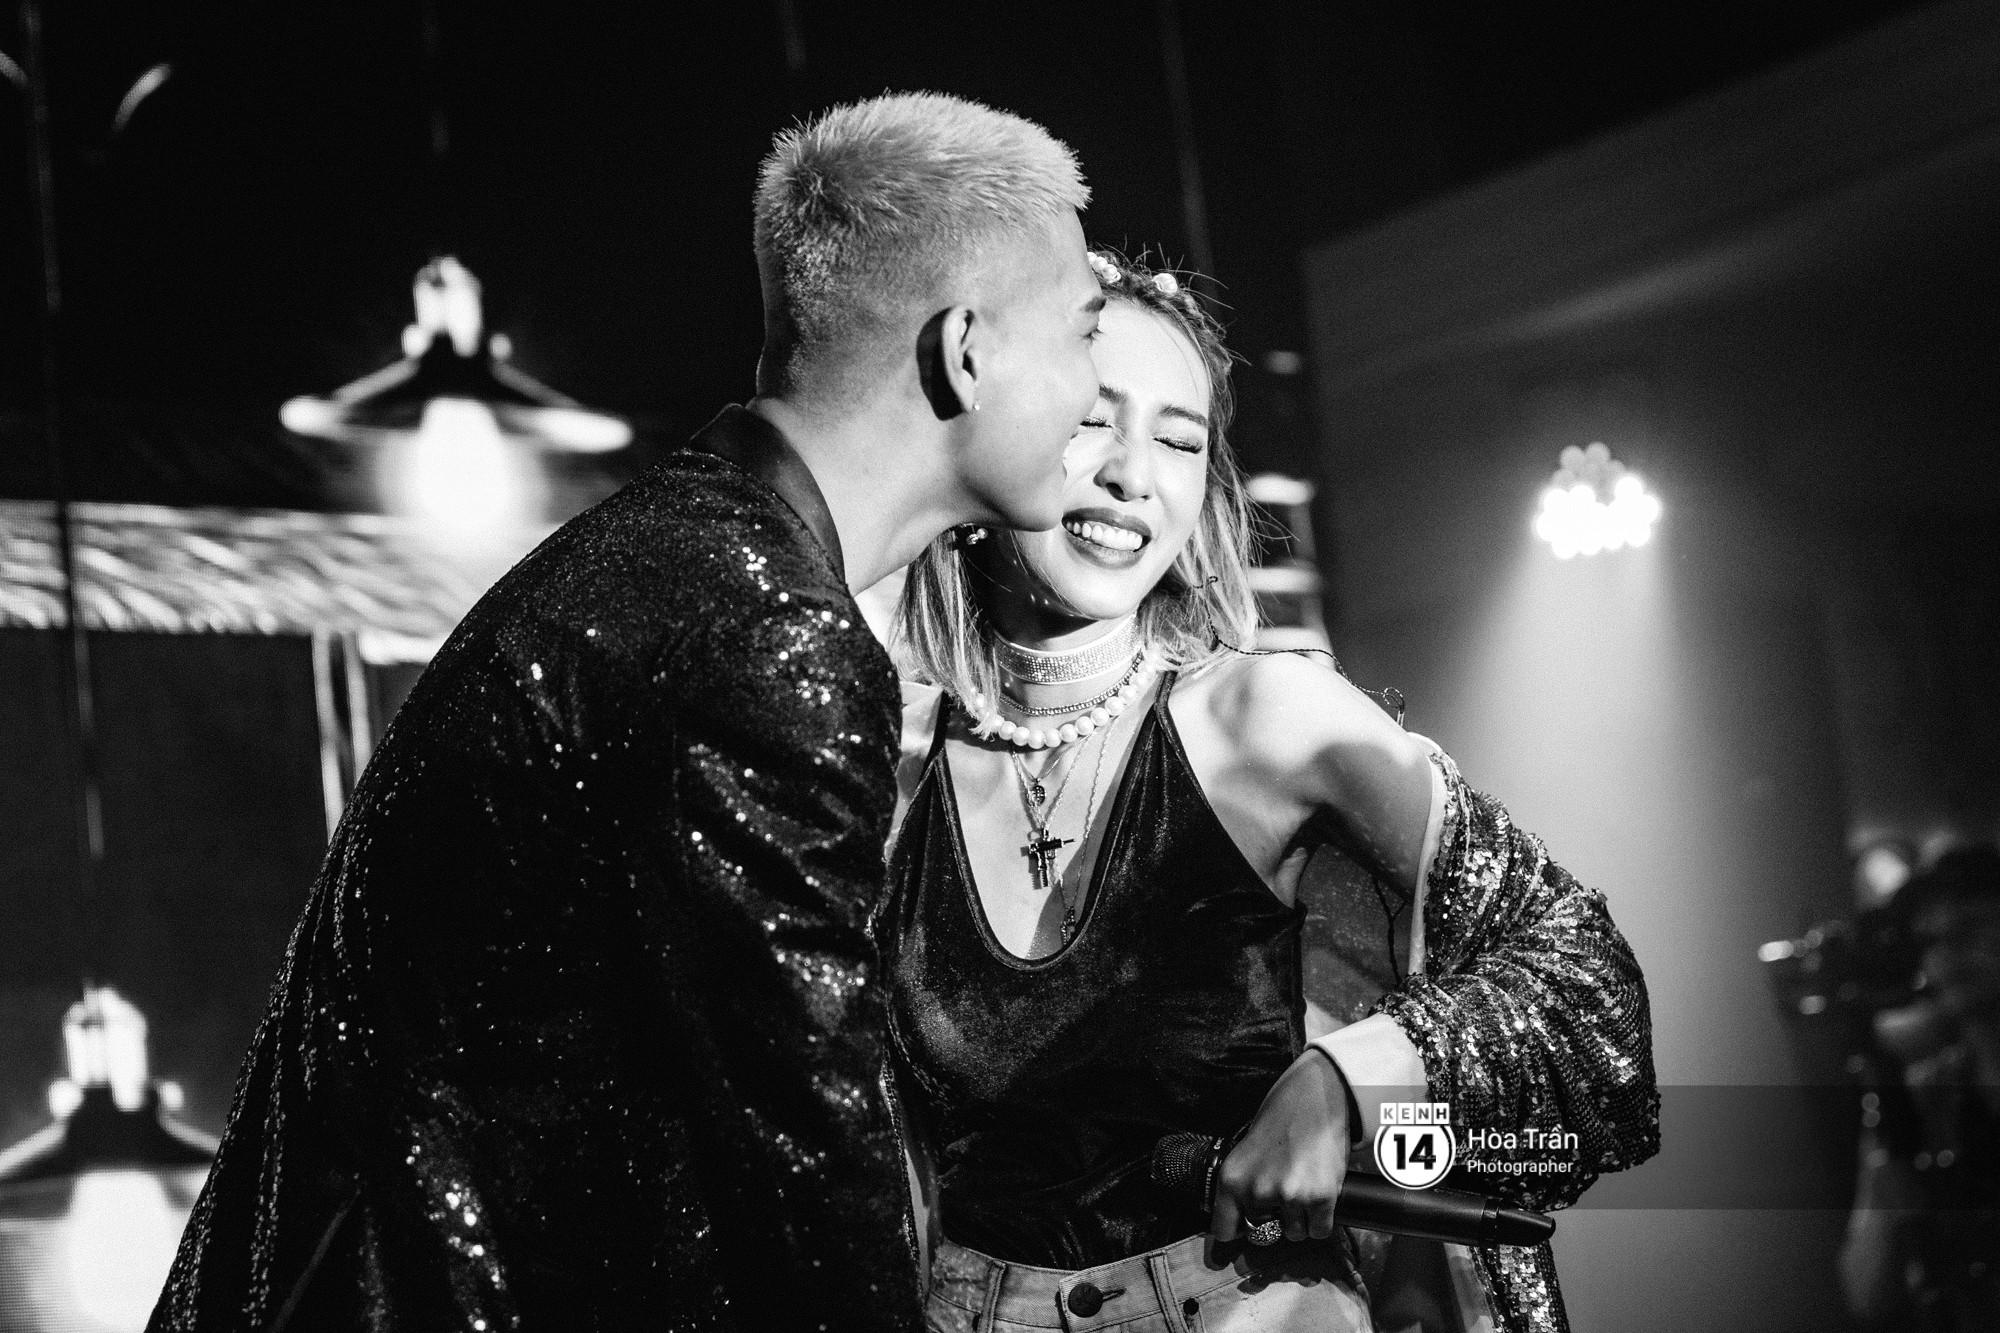 Emily và Big Daddy khóa môi nhau cực ngọt, công khai nói lời yêu lãng mạn tại concert đầu tiên trong sự nghiệp - Ảnh 8.